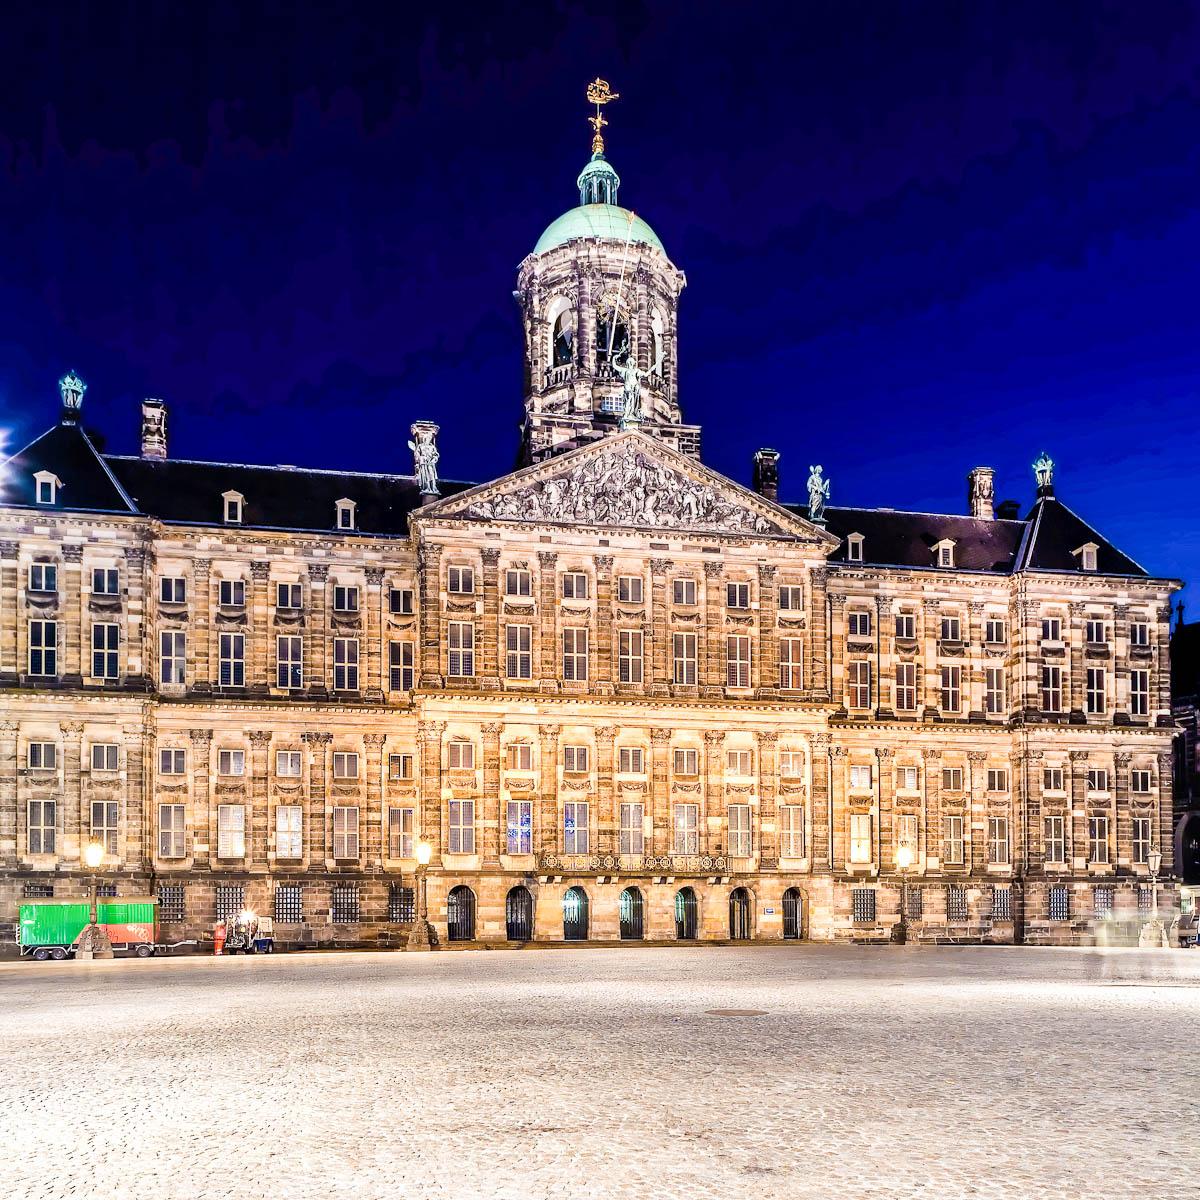 Amsterdam: Königlicher Palast (Paleis op de Dam)